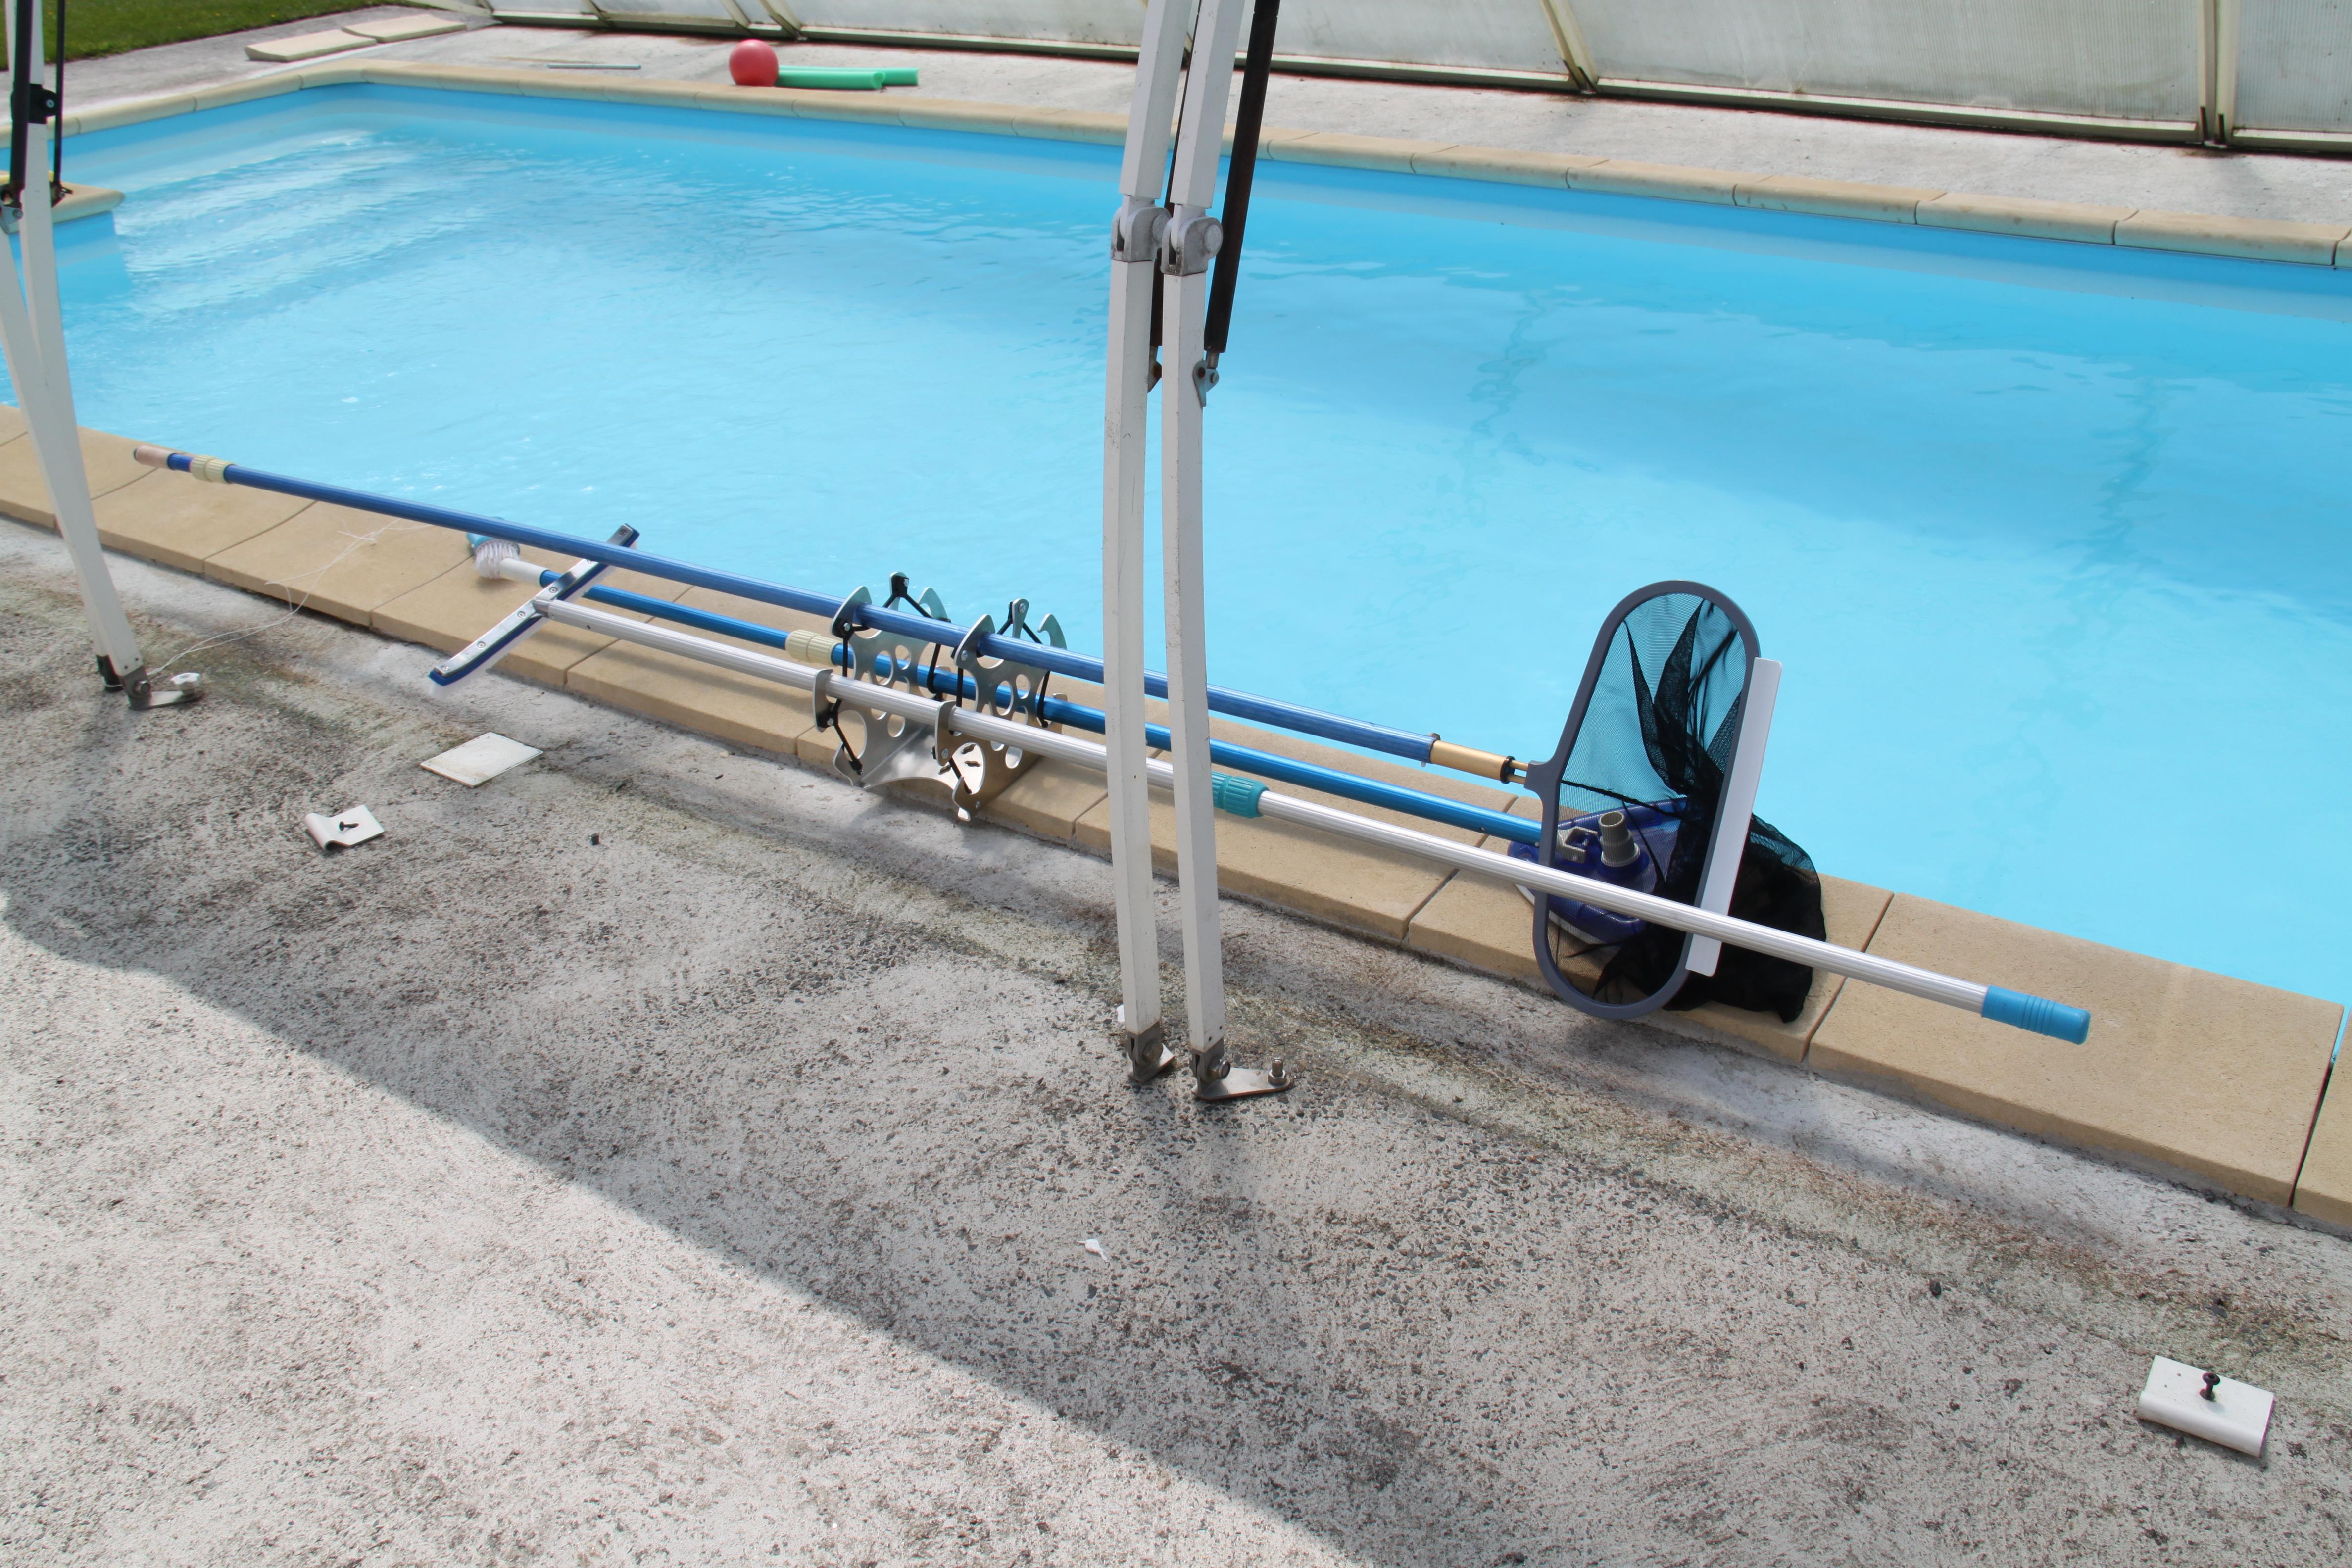 porte-outil fixe et mobile pour le matériel de piscine